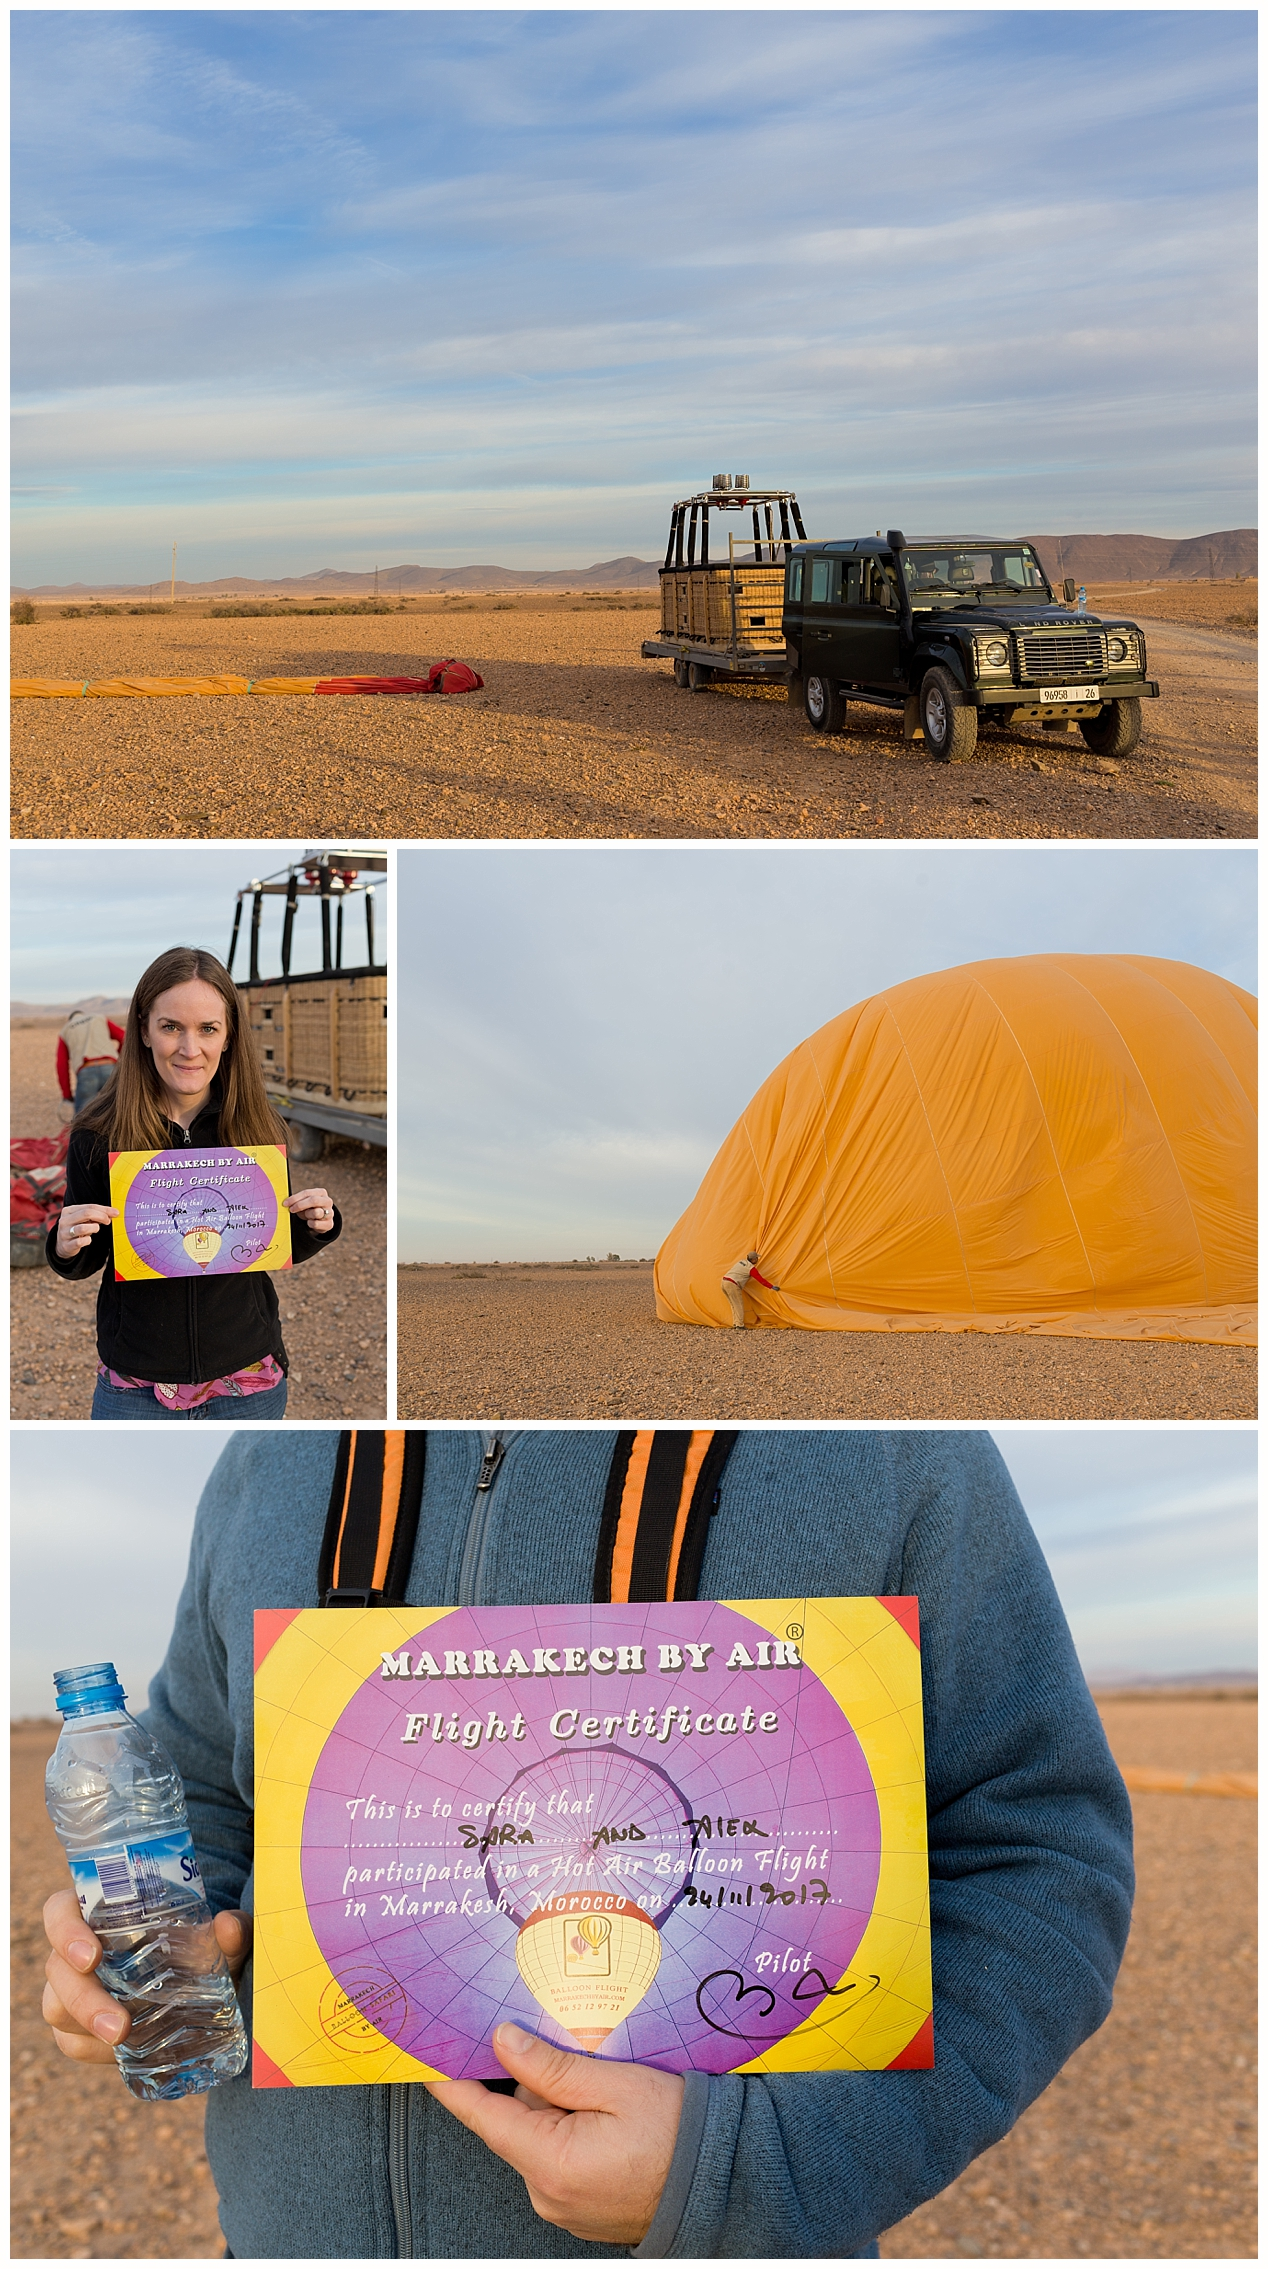 hot air balloon adventure certificate - Marrakech by AIr